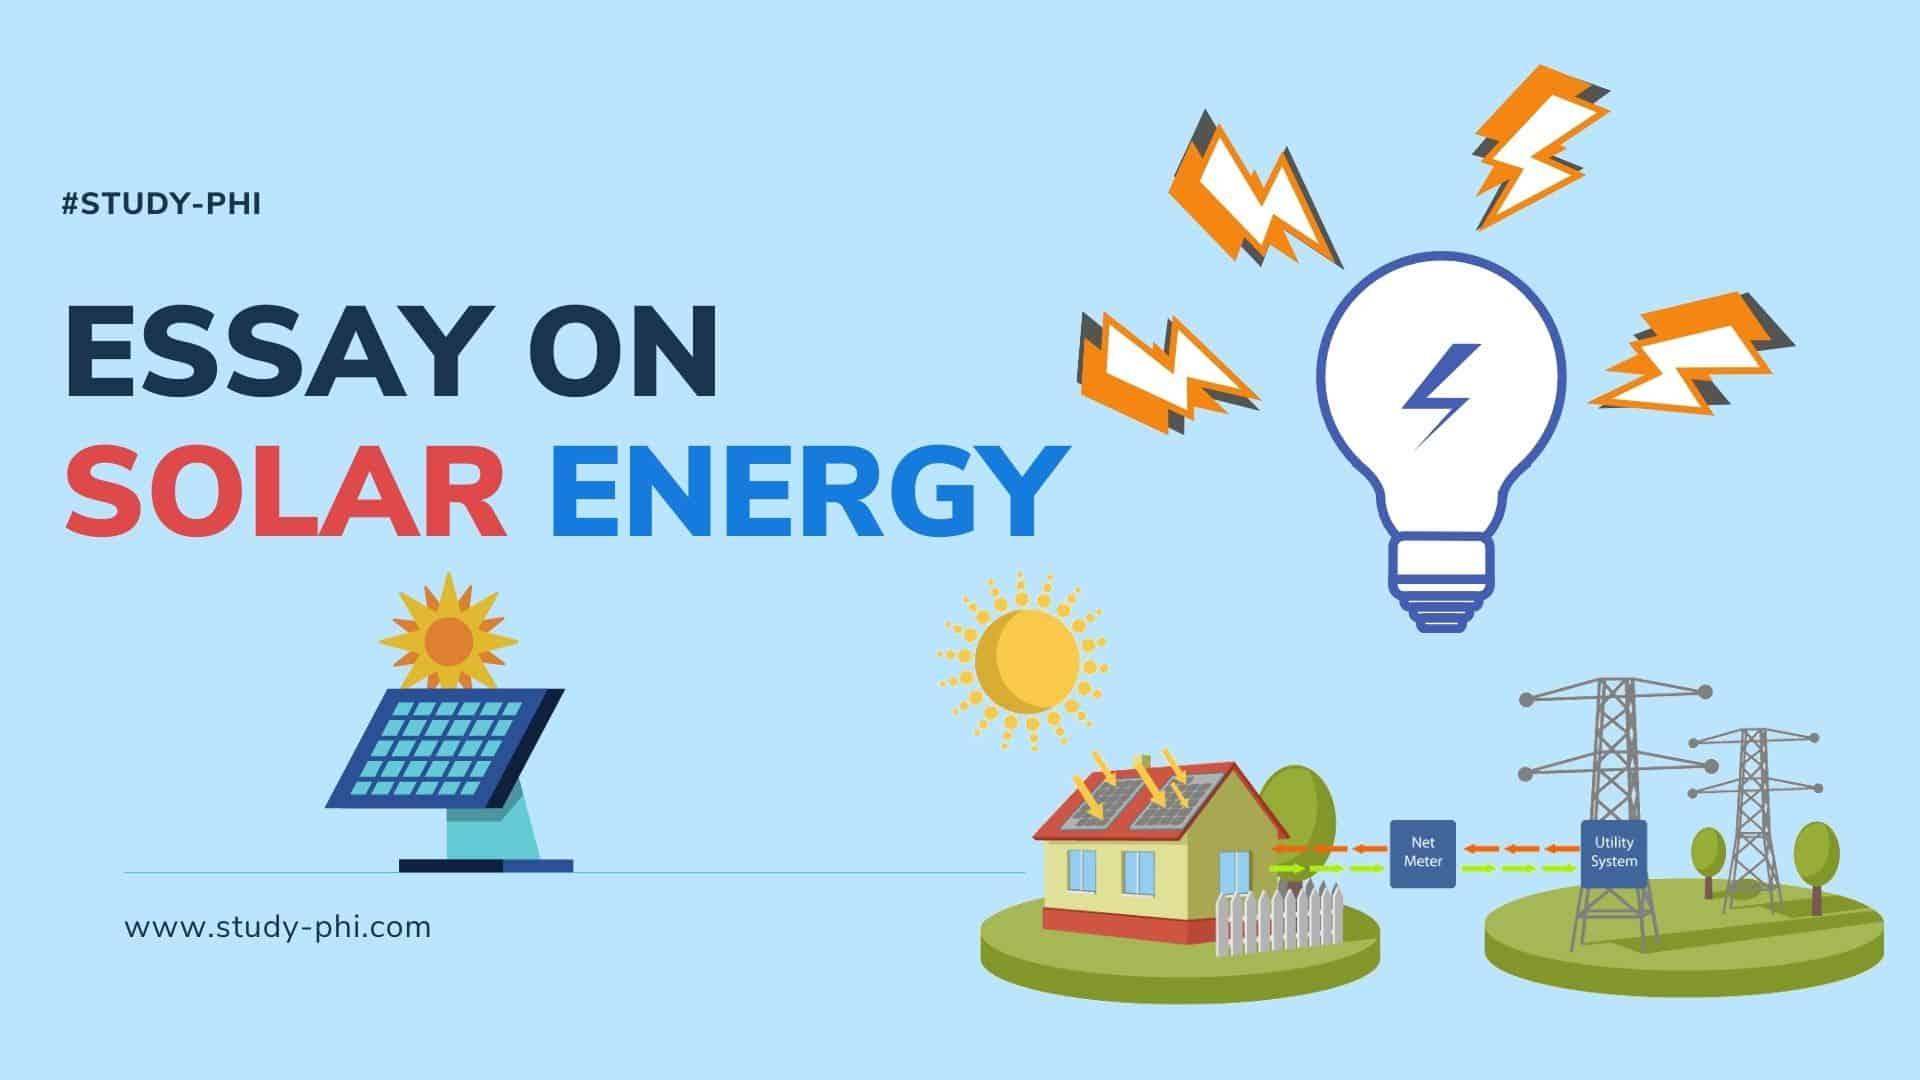 Essay on Solar Energy